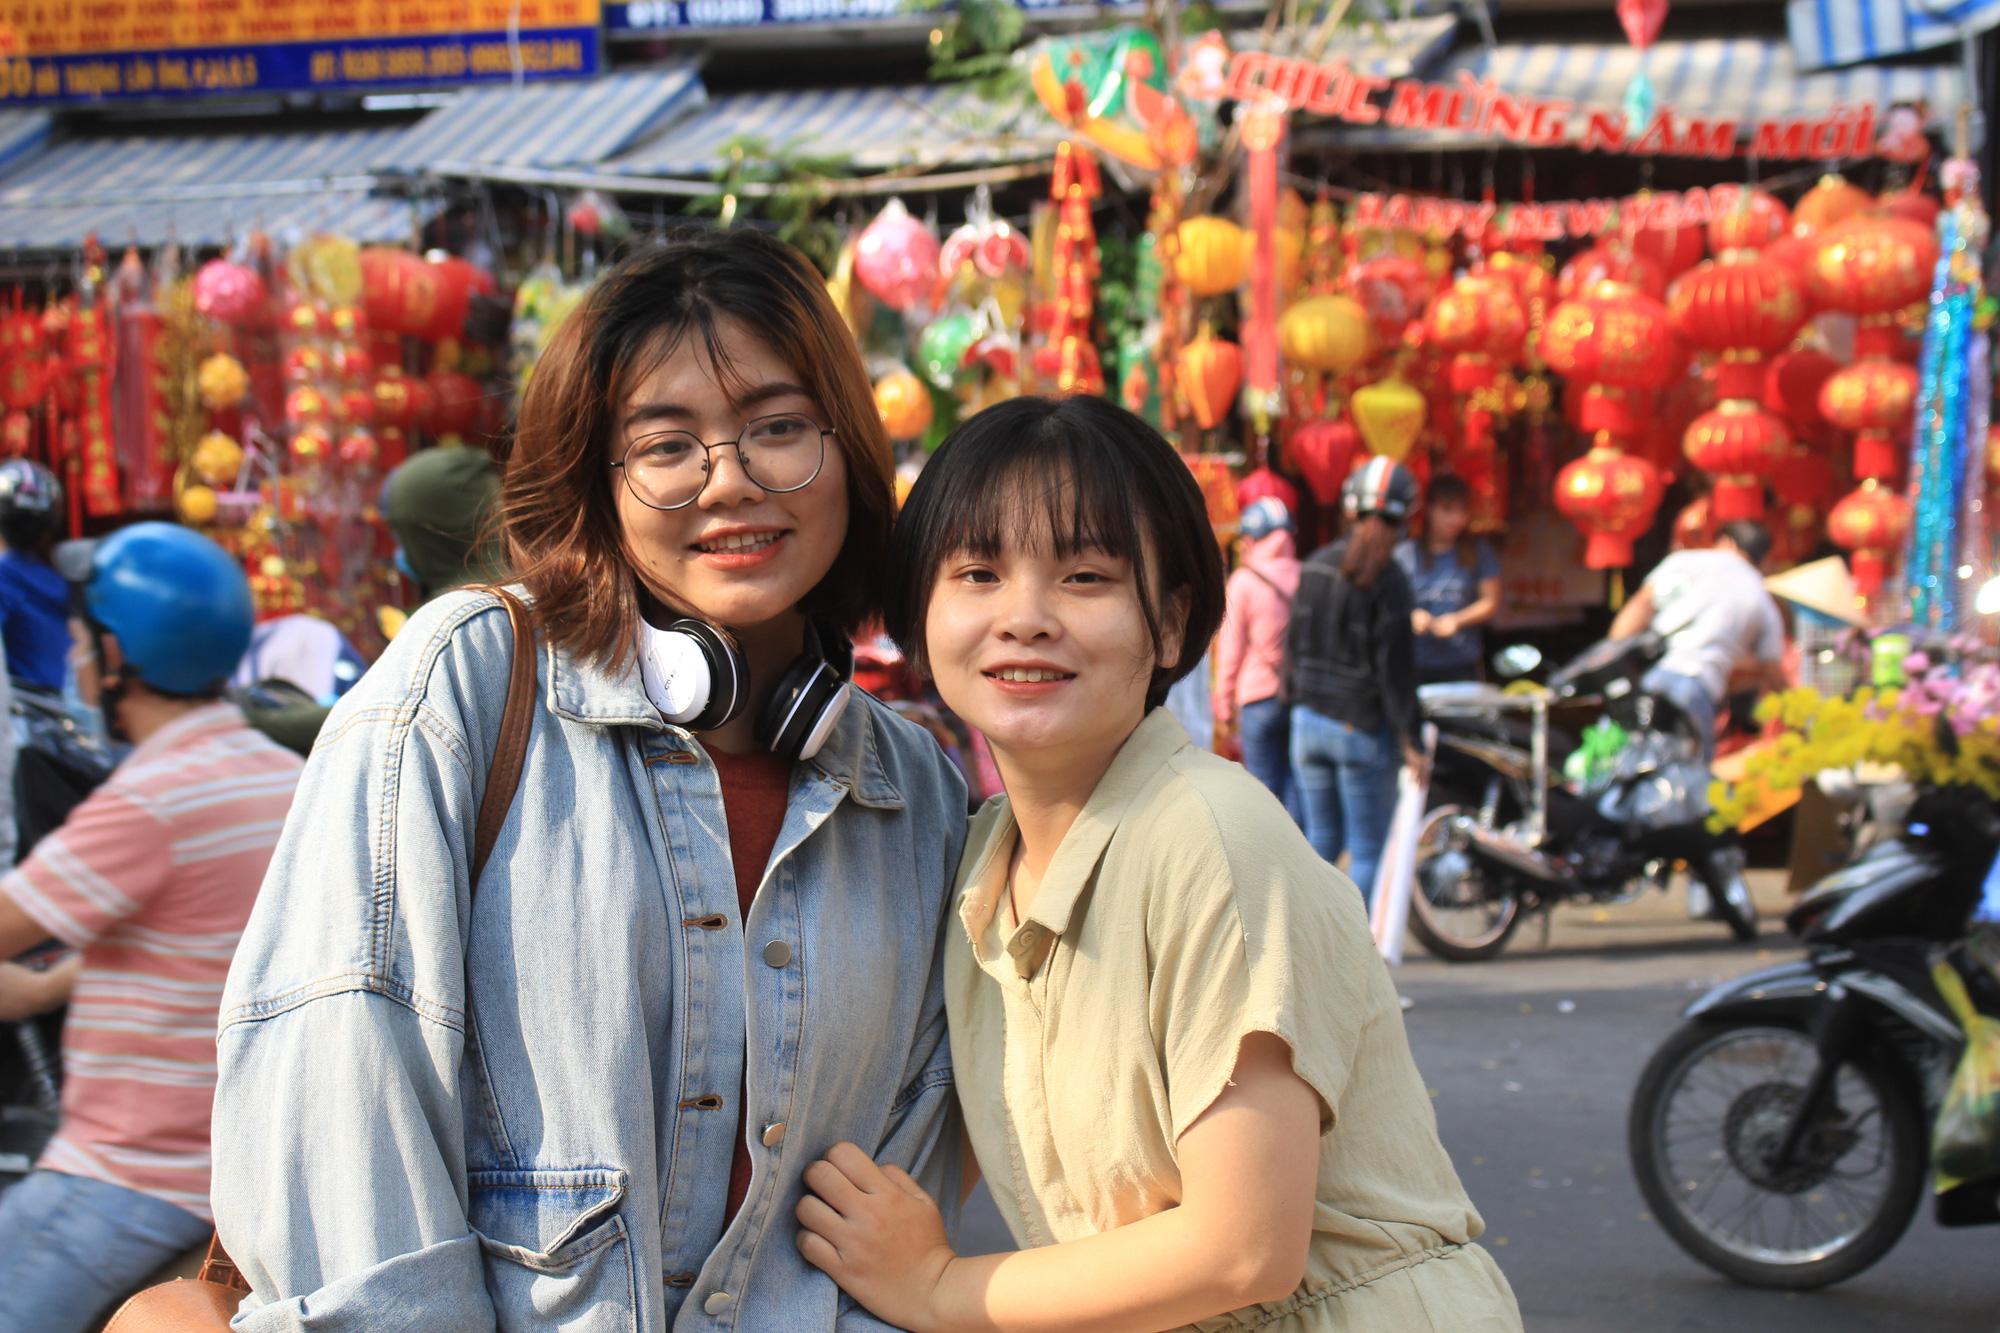 Giới trẻ check-in tuyến đường tết đỏ rực ở Sài Gòn, người bán vui vẻ nhưng tiết lộ điều này - Ảnh 3.